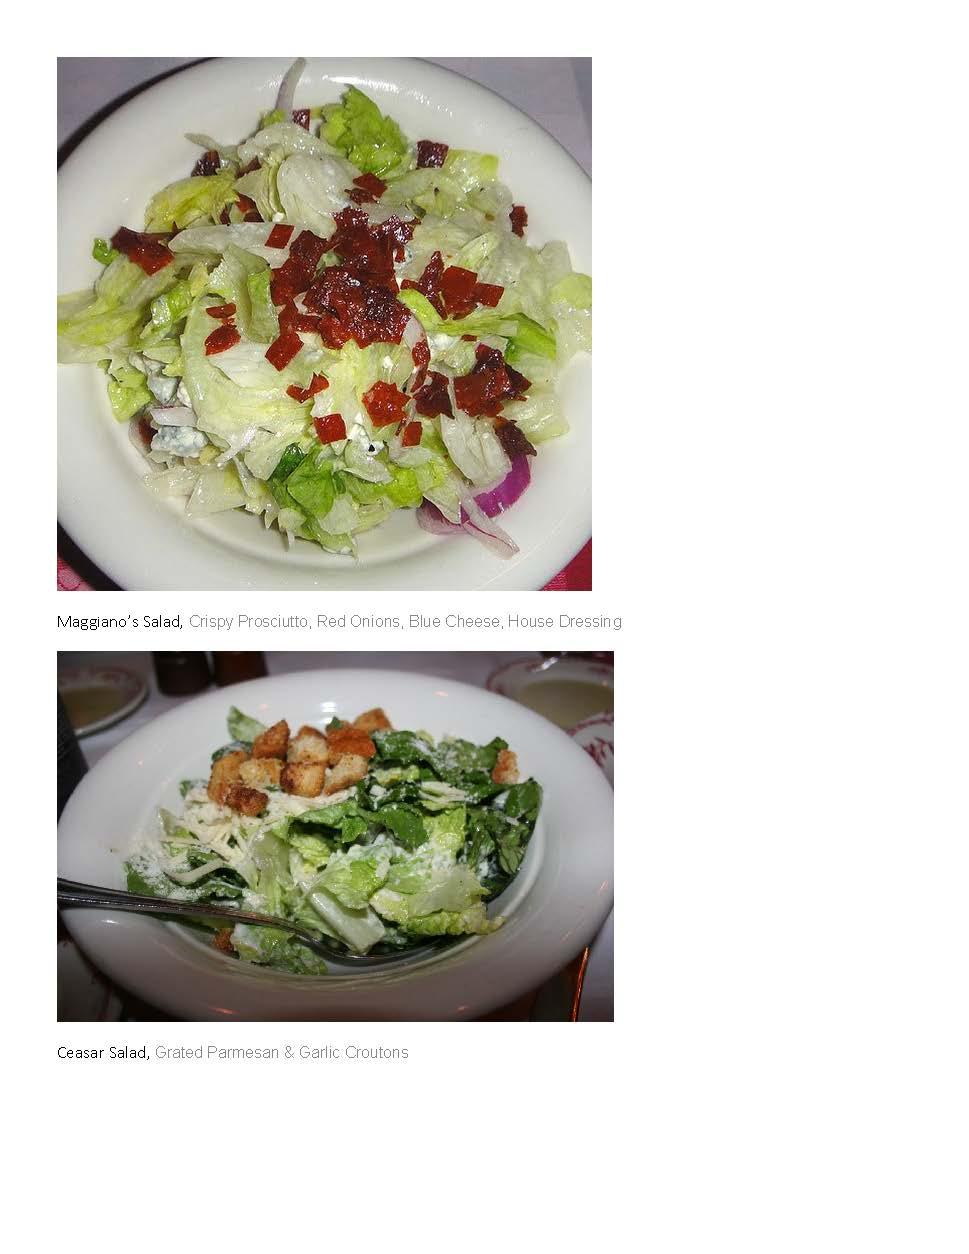 salad 1 and 2